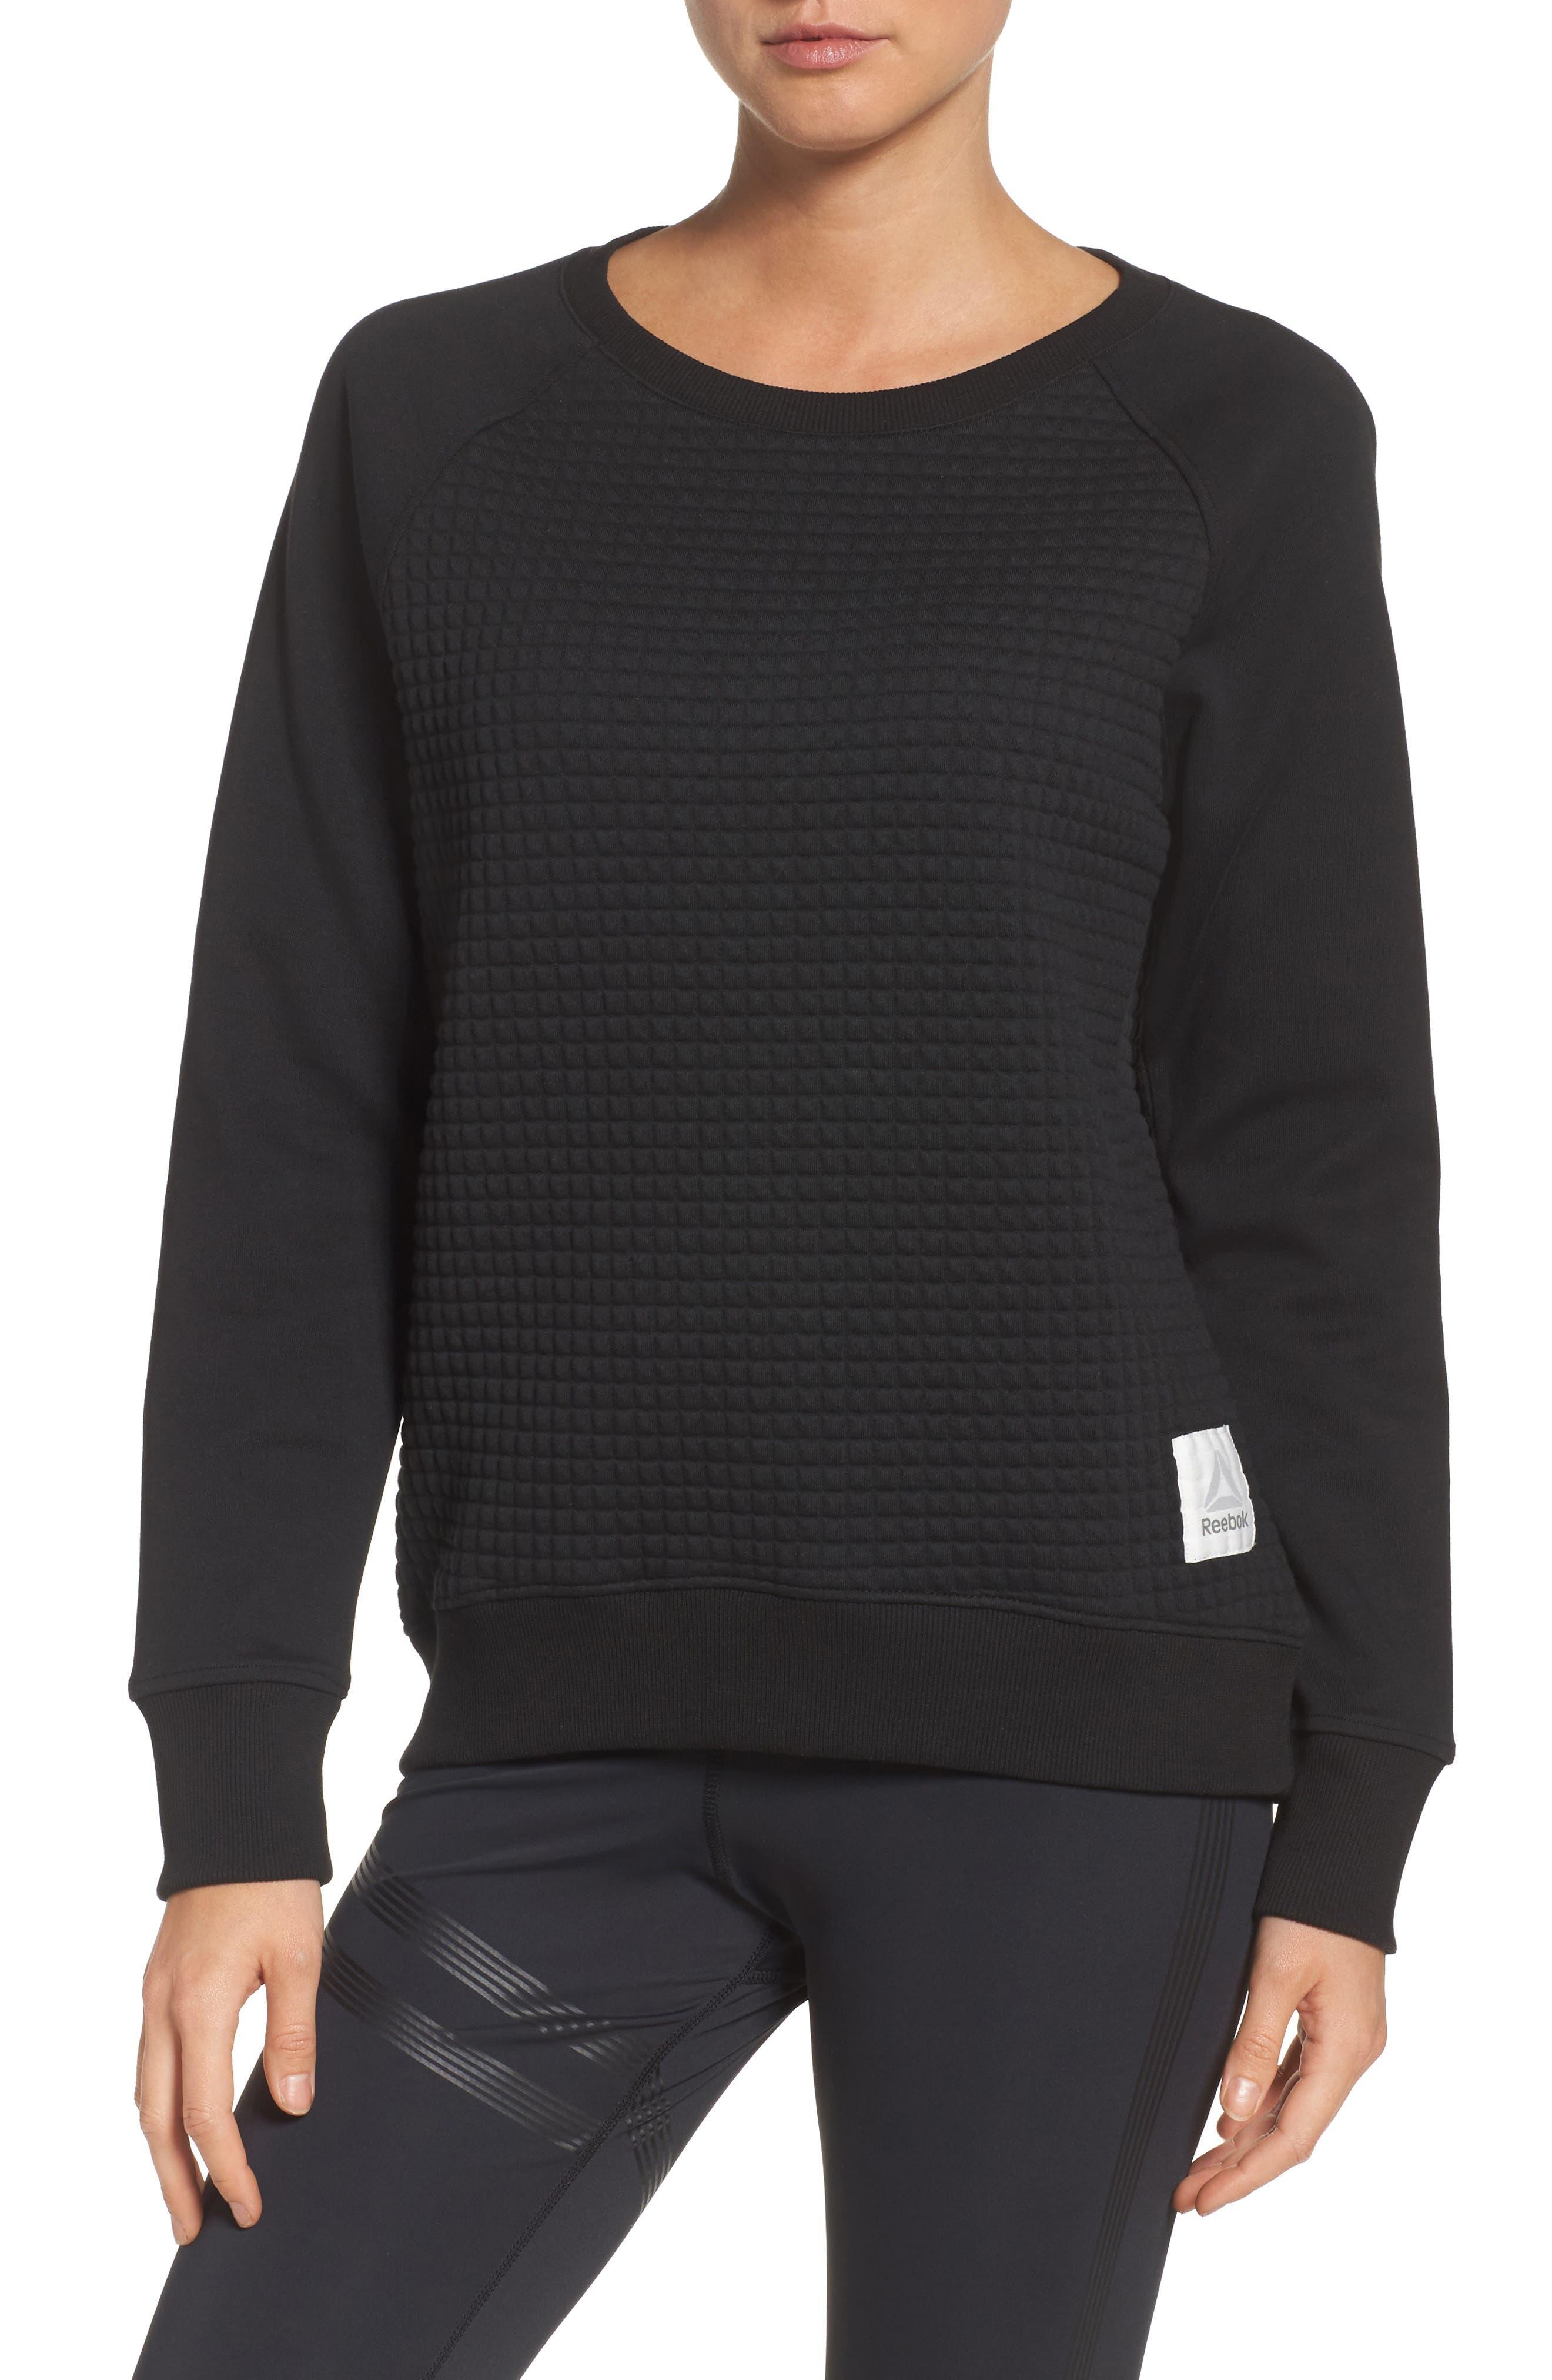 Reebok Quilted Crew Sweatshirt